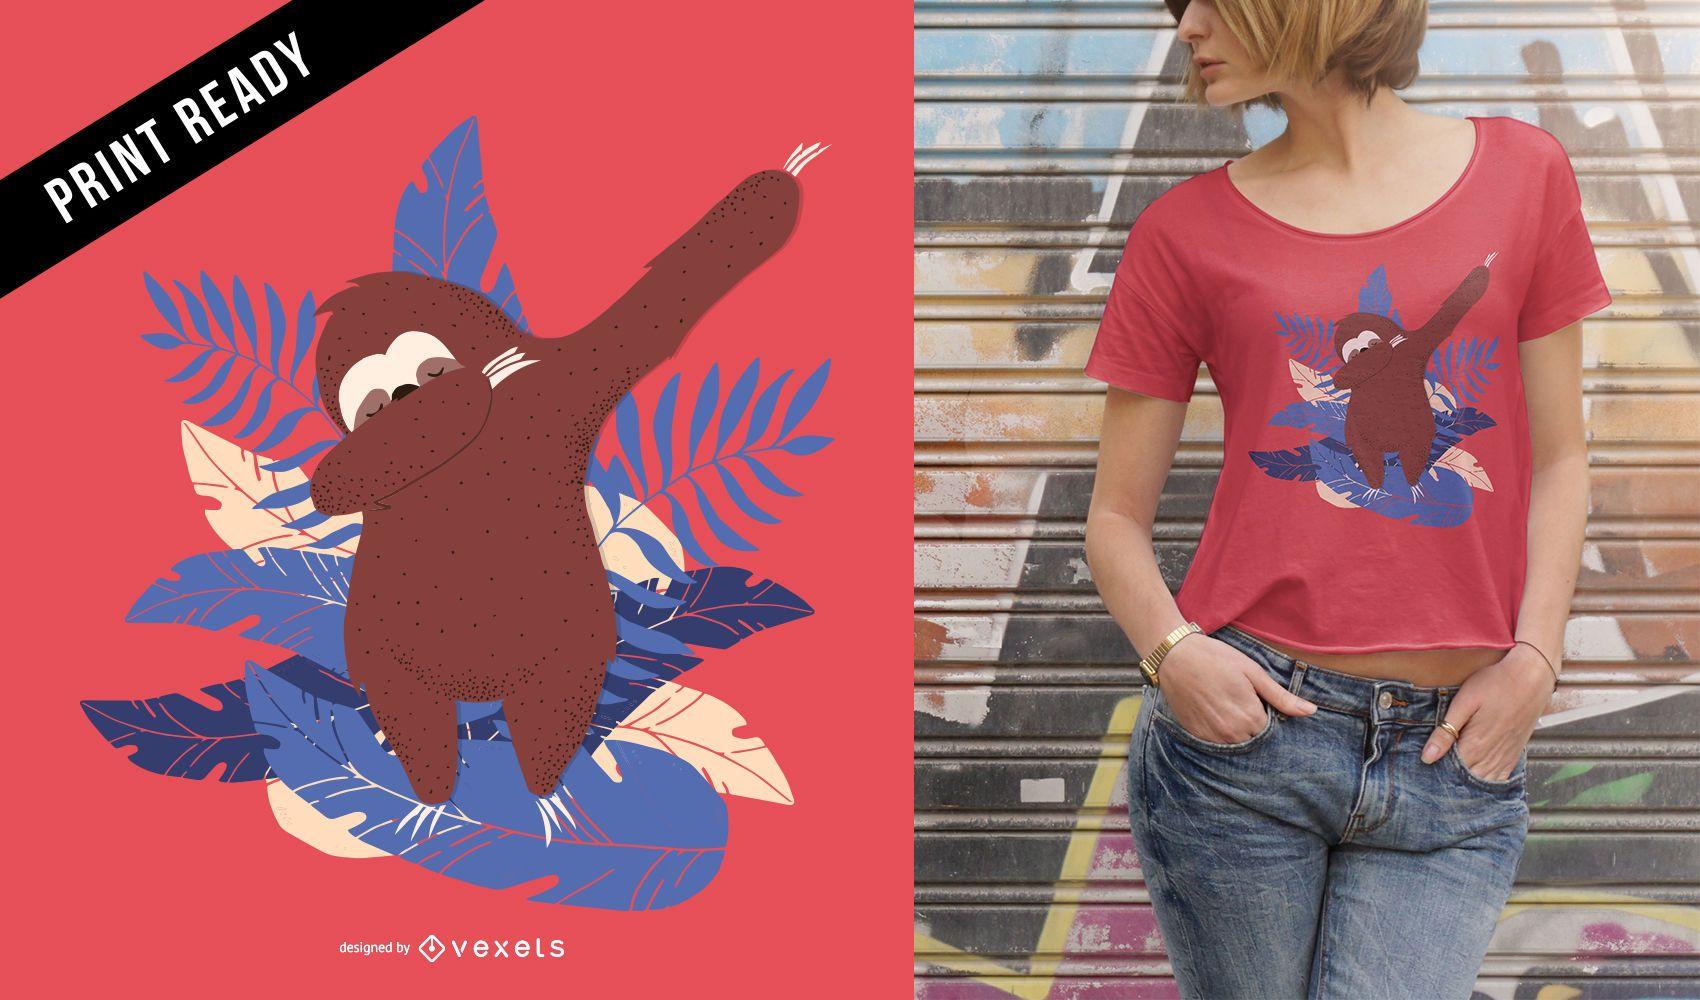 Sloth dab t-shirt design